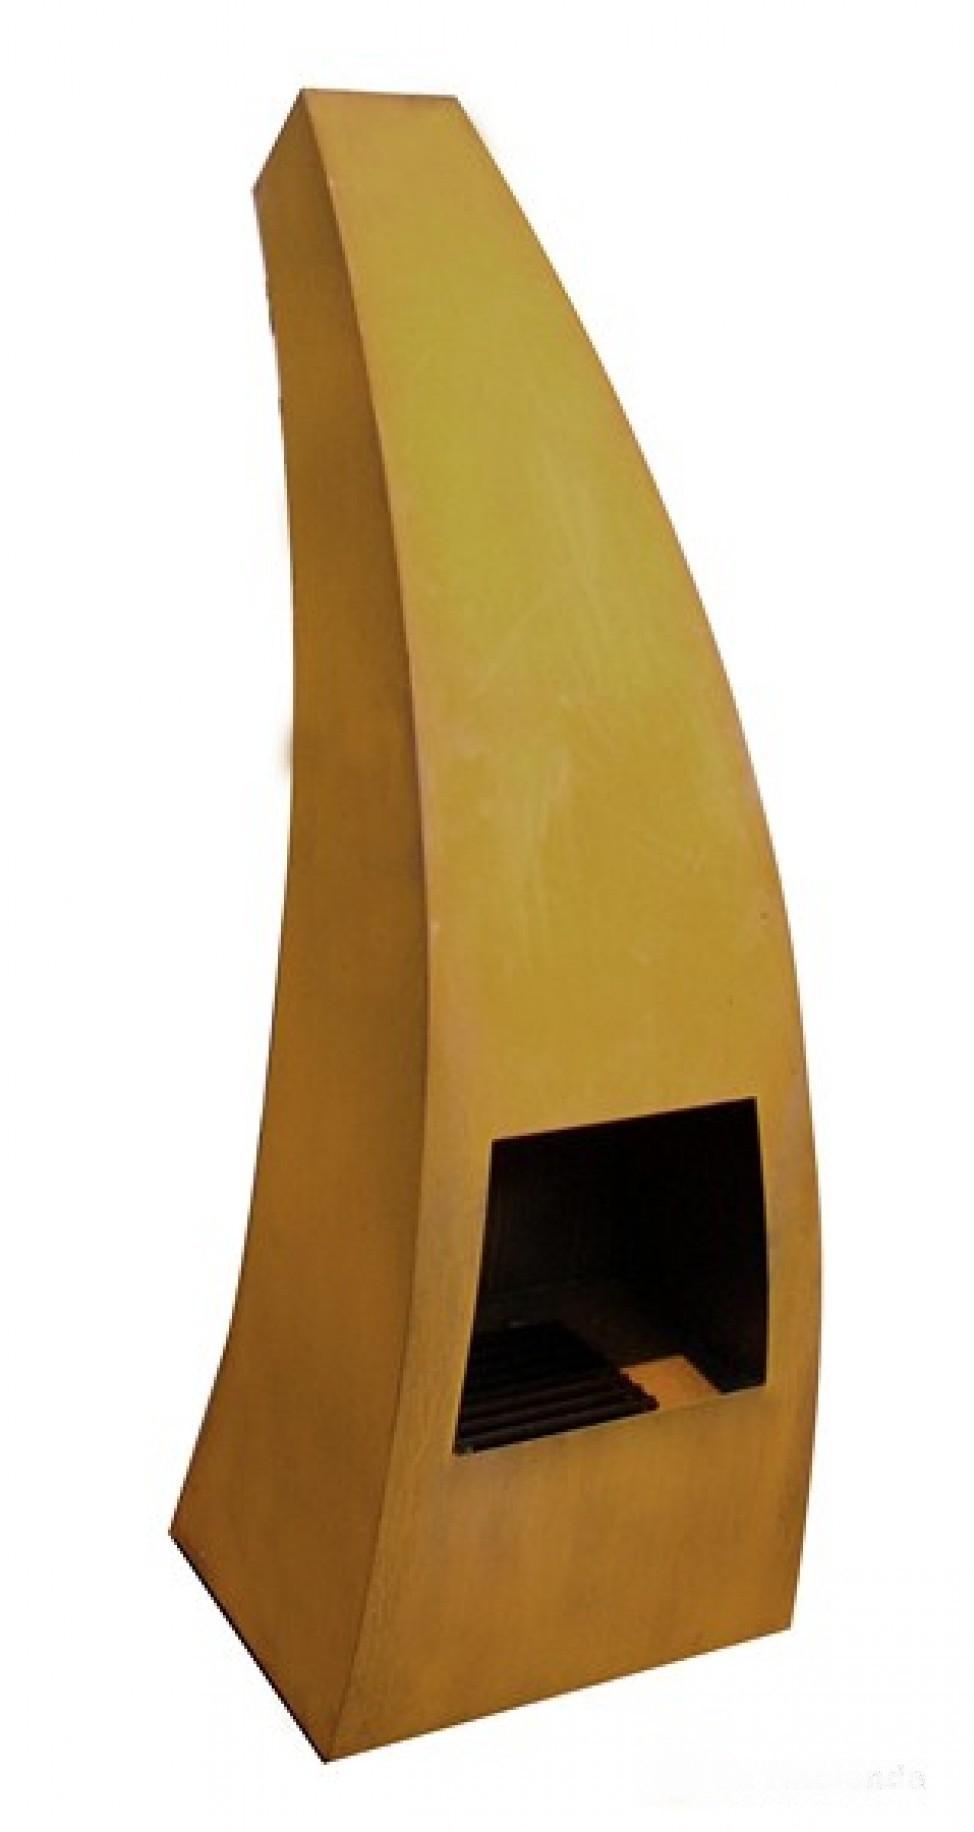 Maca-klein tuinhaard 45x40x120 cm. Corten